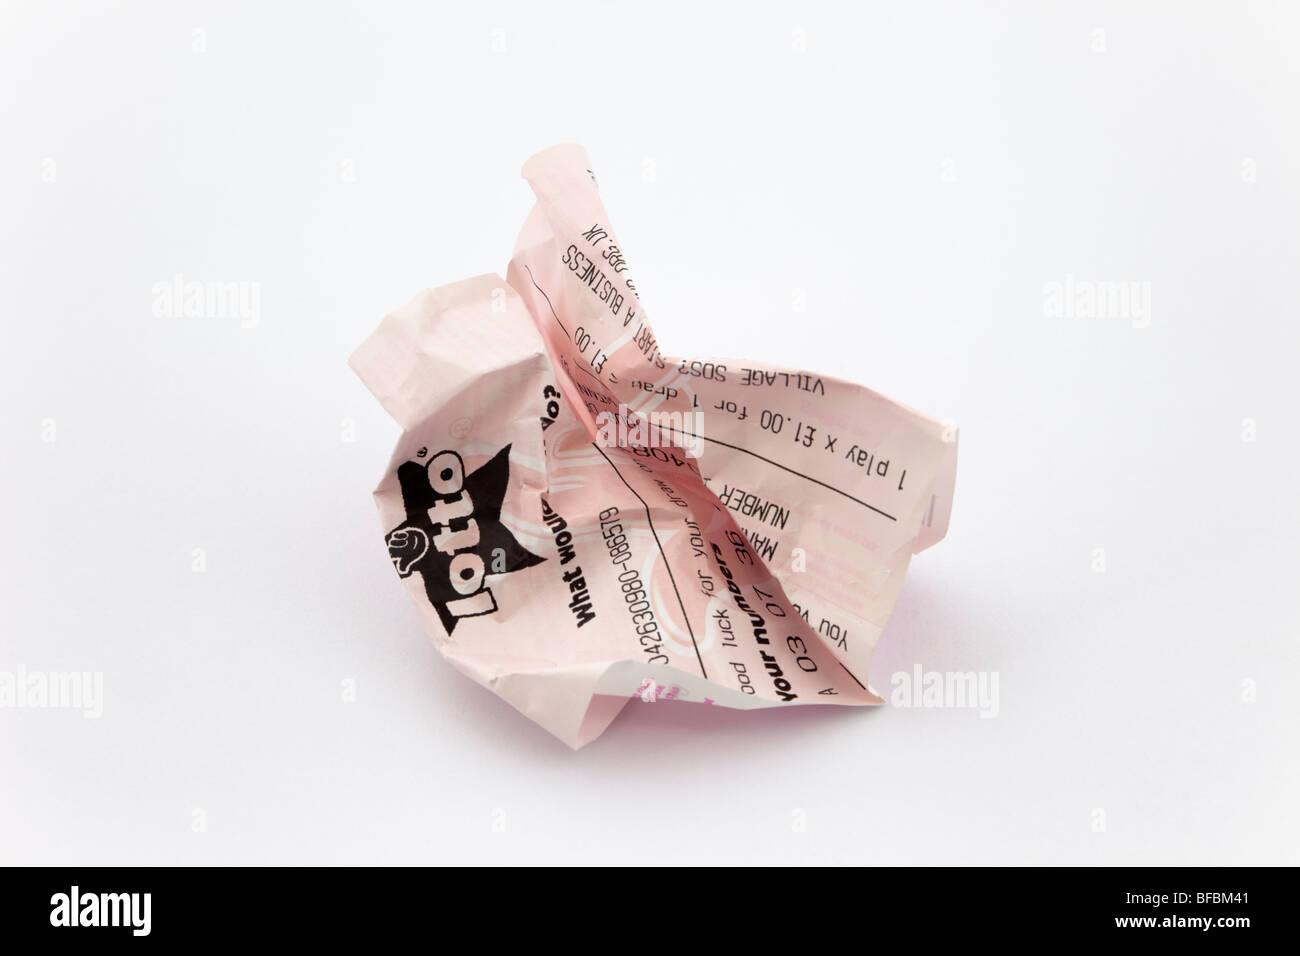 UK National lottery ticket lotto avvitato su un semplice sfondo bianco per illustrare a perdere al gioco d'azzardo Immagini Stock